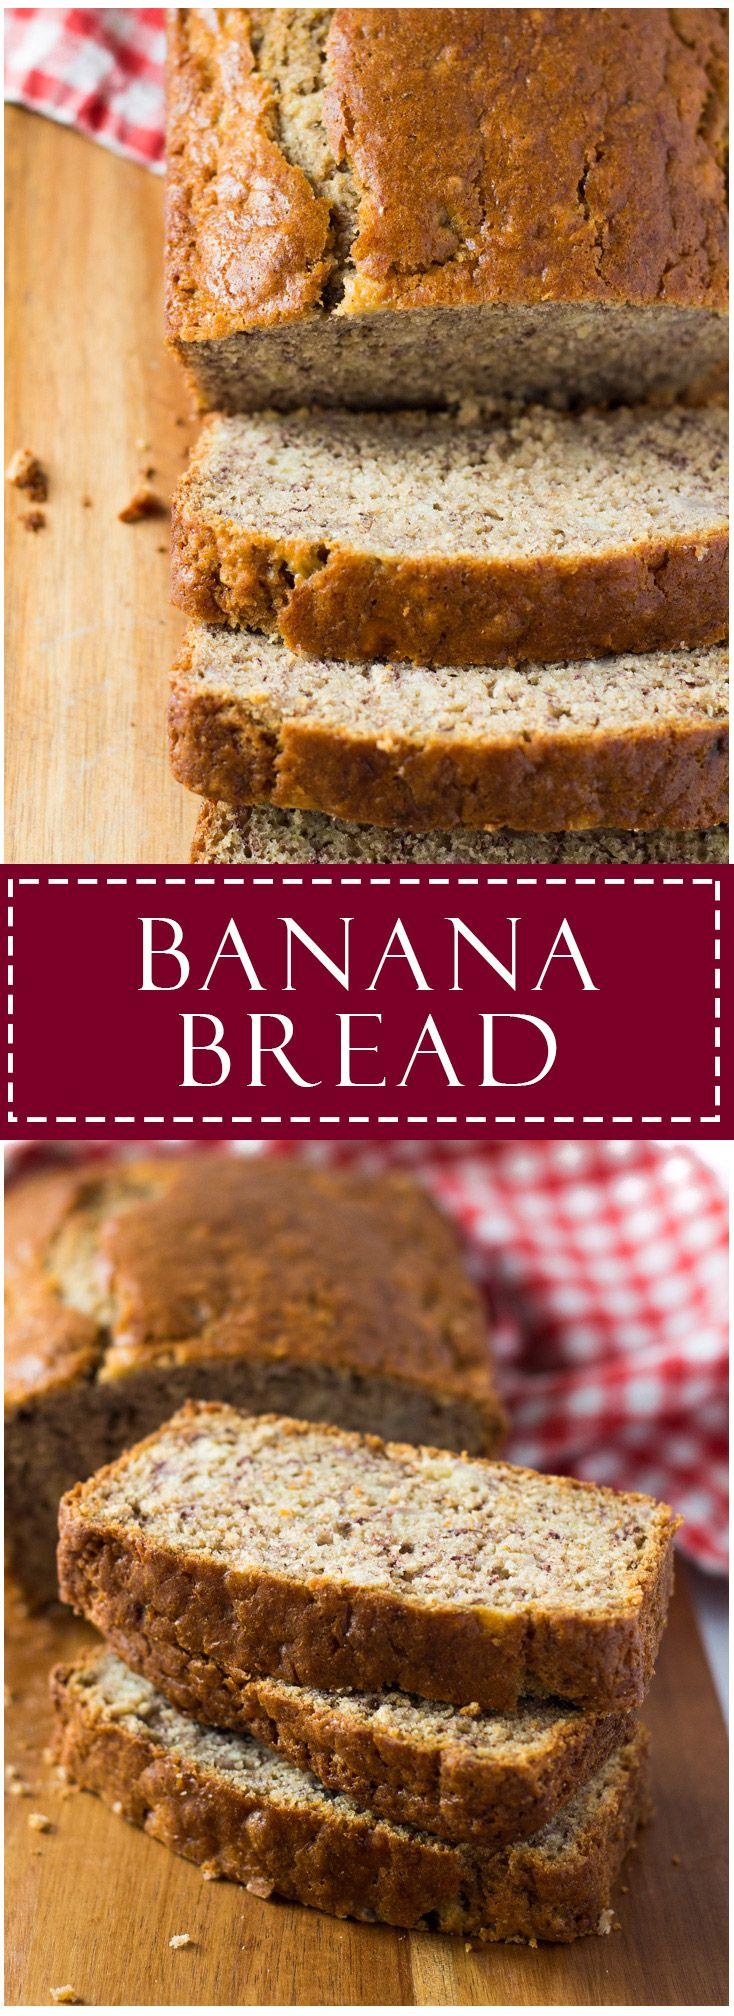 Banana Bread | Marsha's Baking Addiction #ad